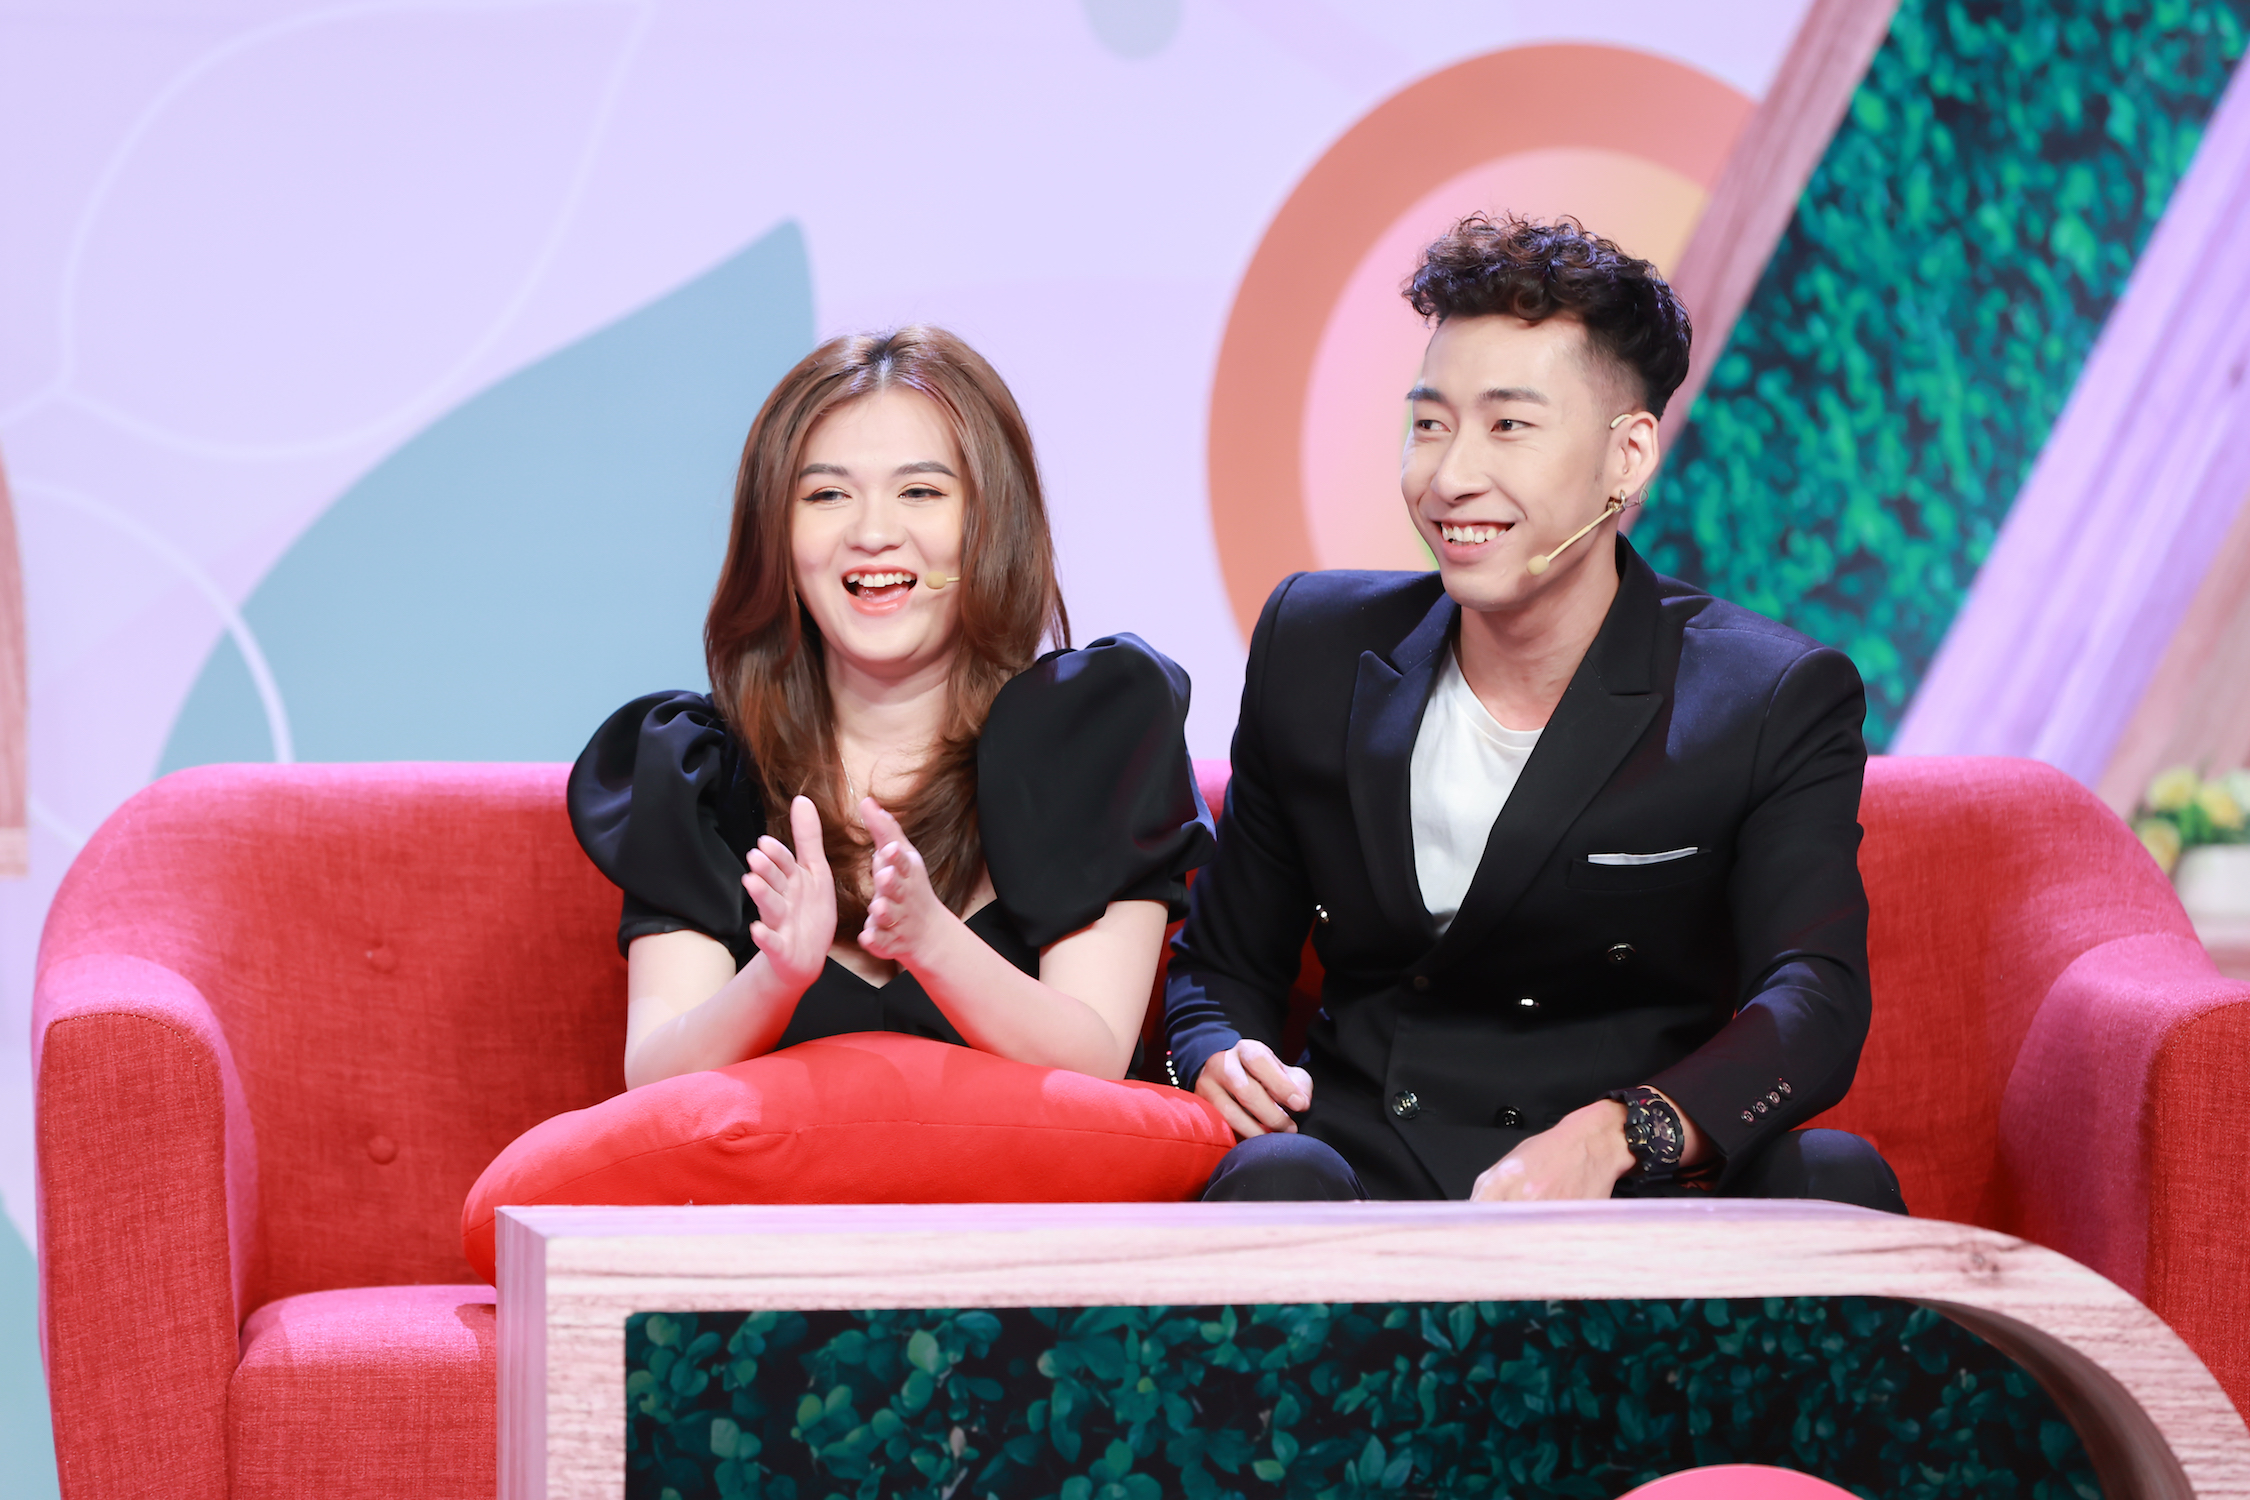 Rapper Yuno Bigboi tiết lộ cơ duyên gặp vợ xinh như hotgirl